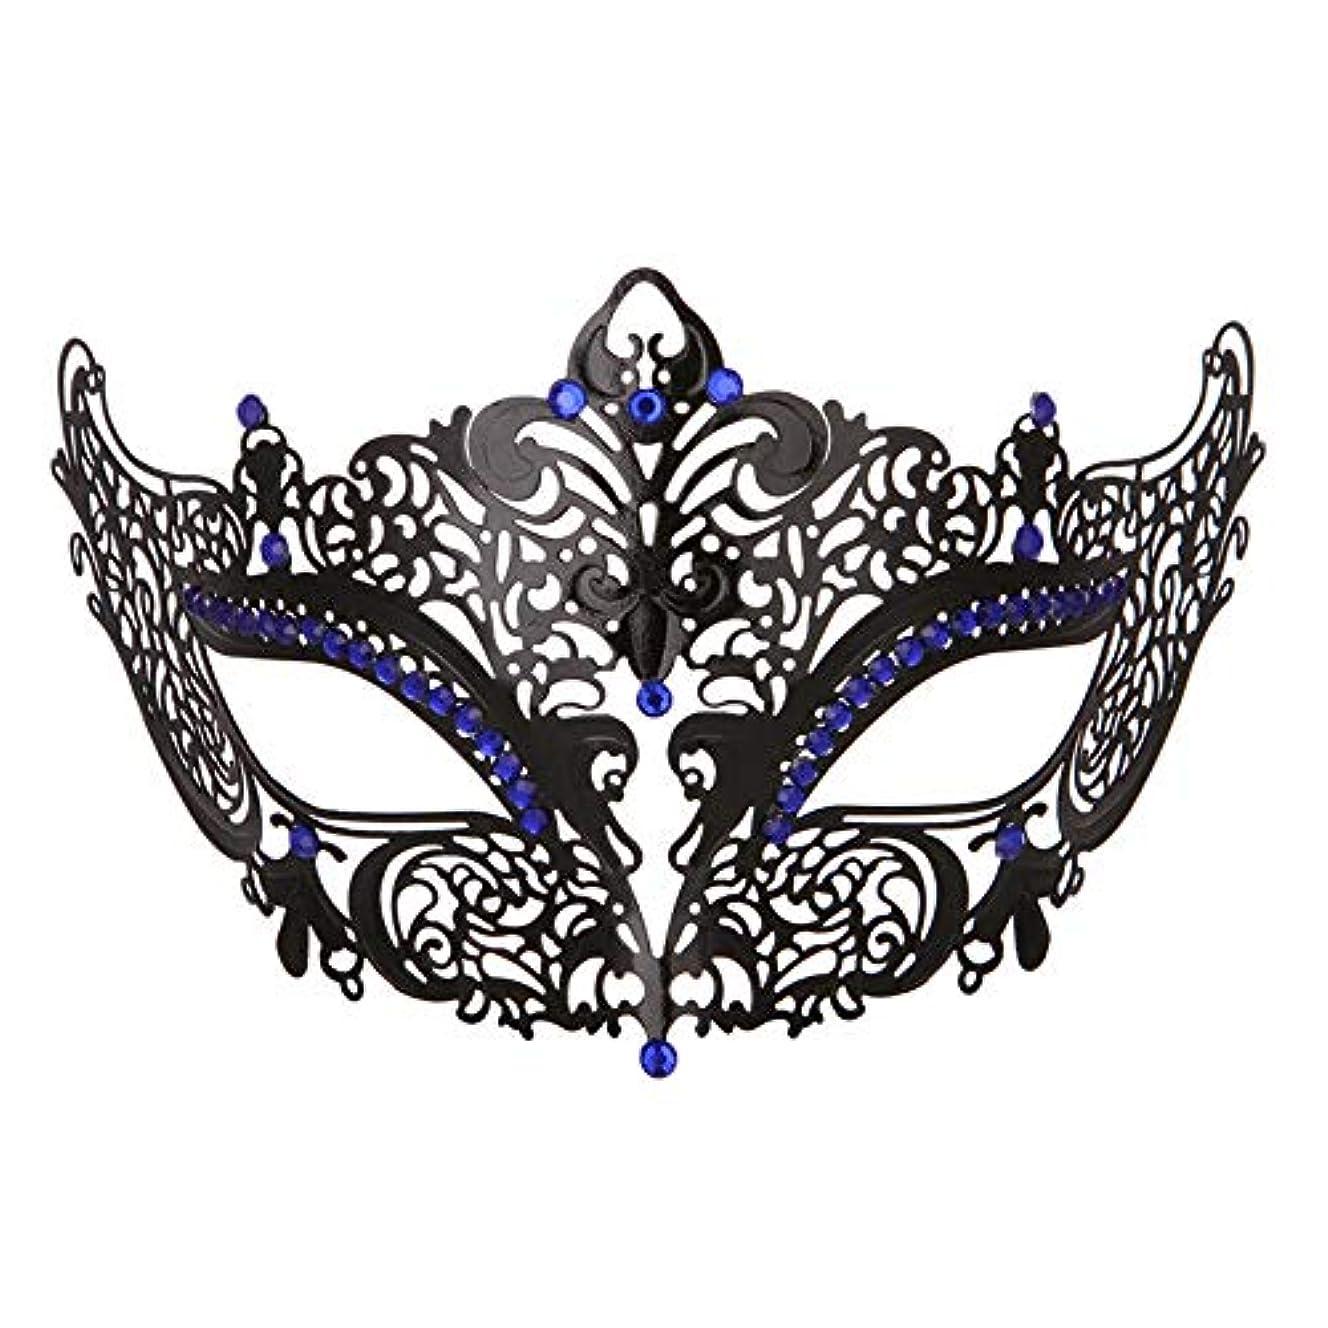 可能性盲目パラメータダンスマスク 高級金属鉄マスク女性美少女中空ハーフフェイスファッションナイトクラブパーティー仮面舞踏会マスク ホリデーパーティー用品 (色 : 青, サイズ : 19x8cm)